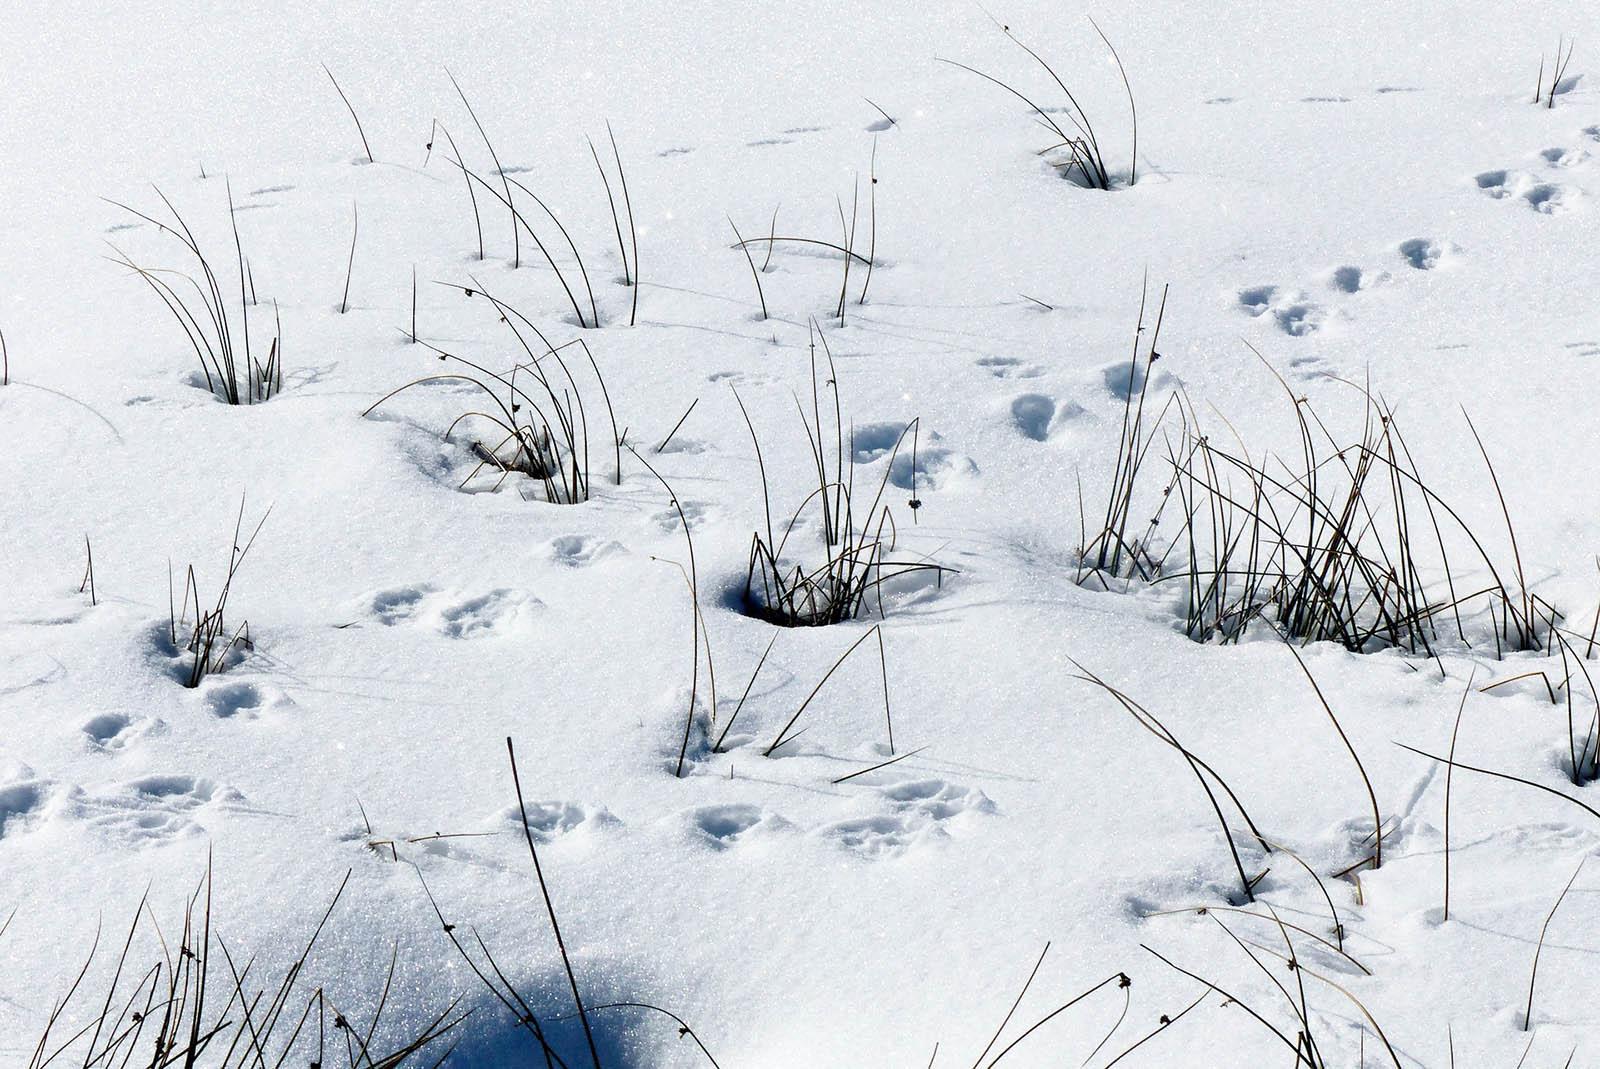 Tierspuren im Schnee: So können Sie Tierspuren erkennen